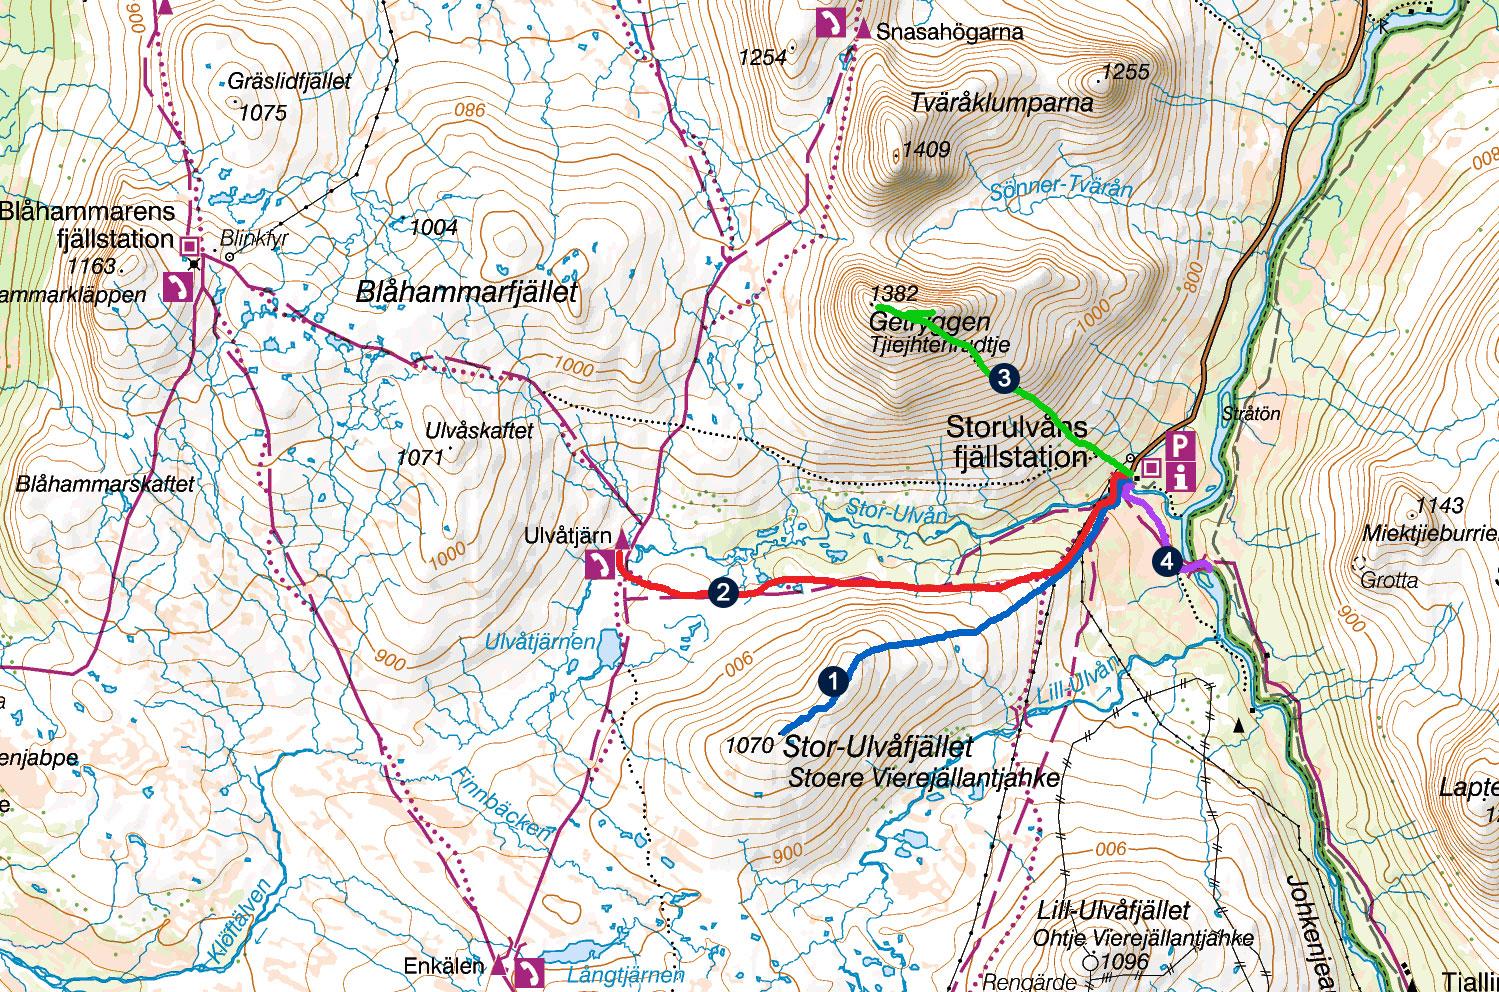 jämtlandstriangeln karta Jämtlandstriangeln Karta jämtlandstriangeln karta